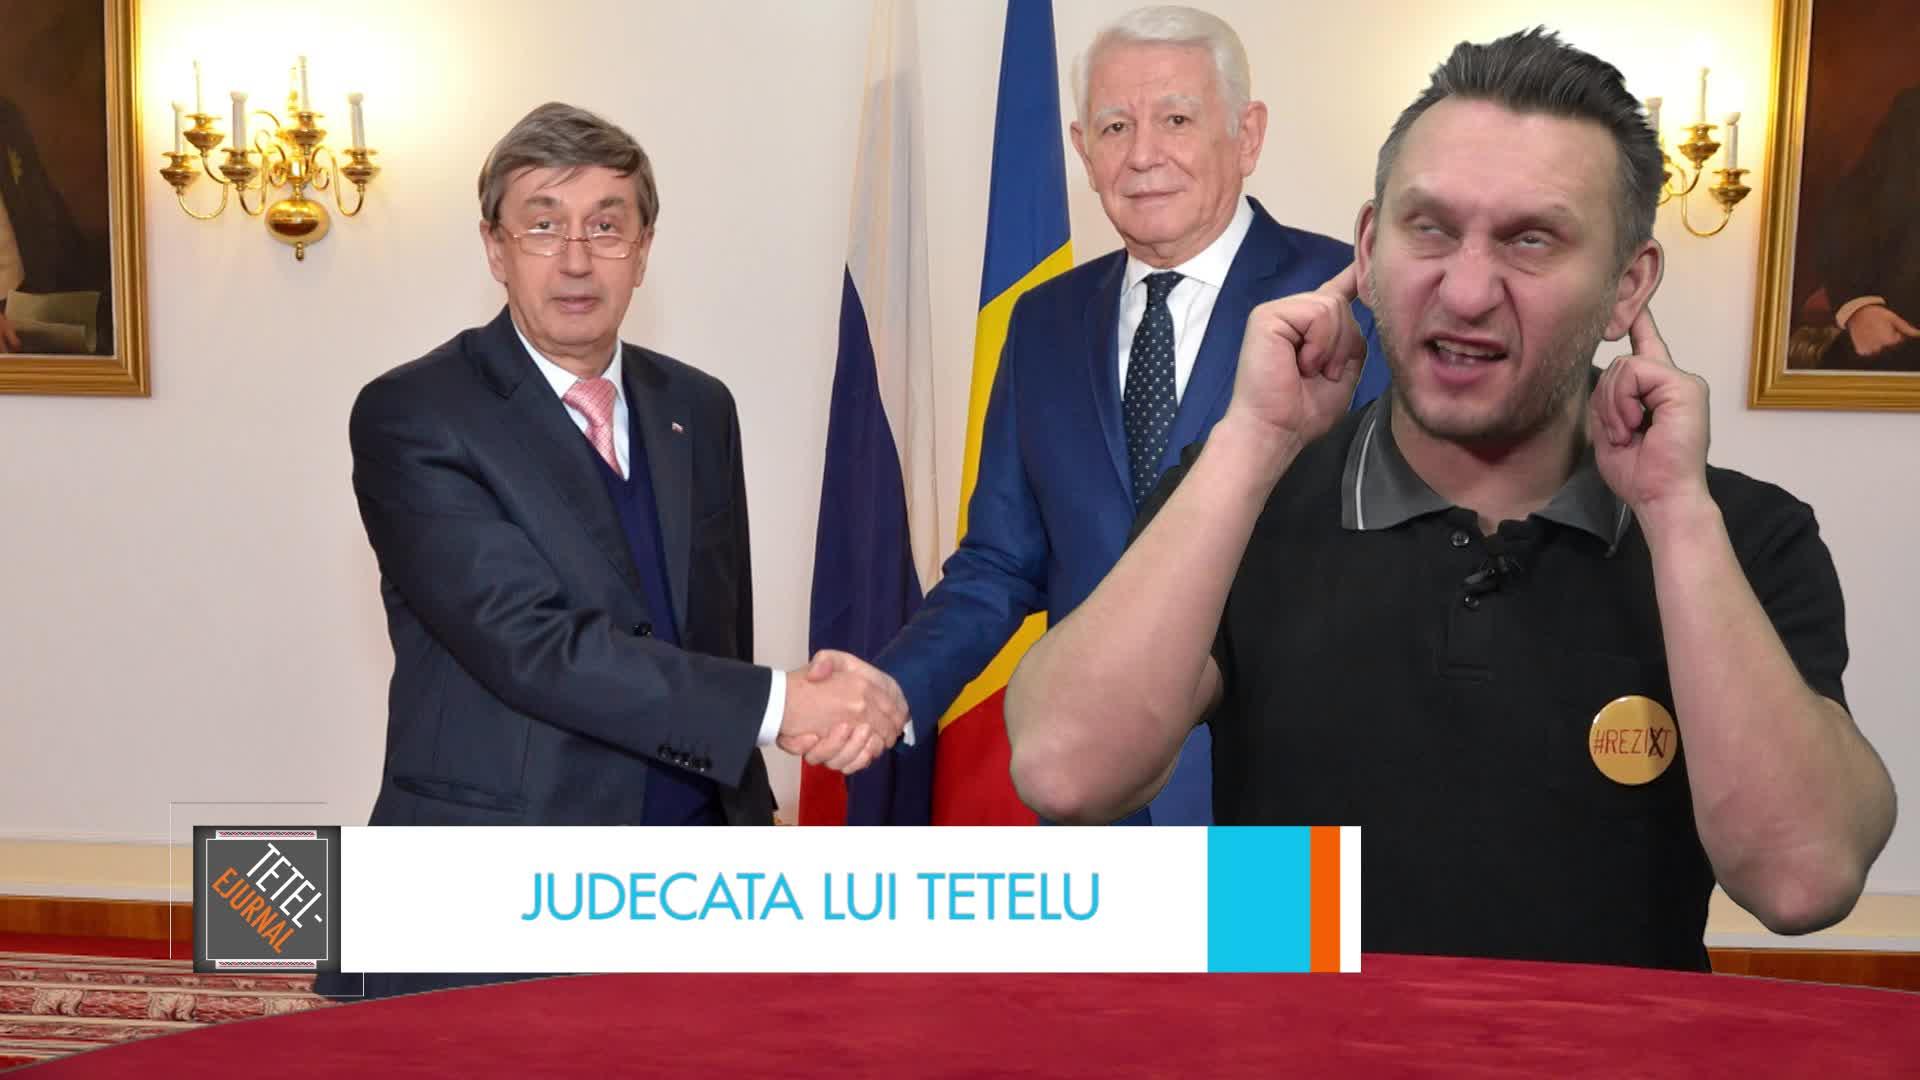 Judecata lui Tetelu: Facebookul lui Meleşcanu